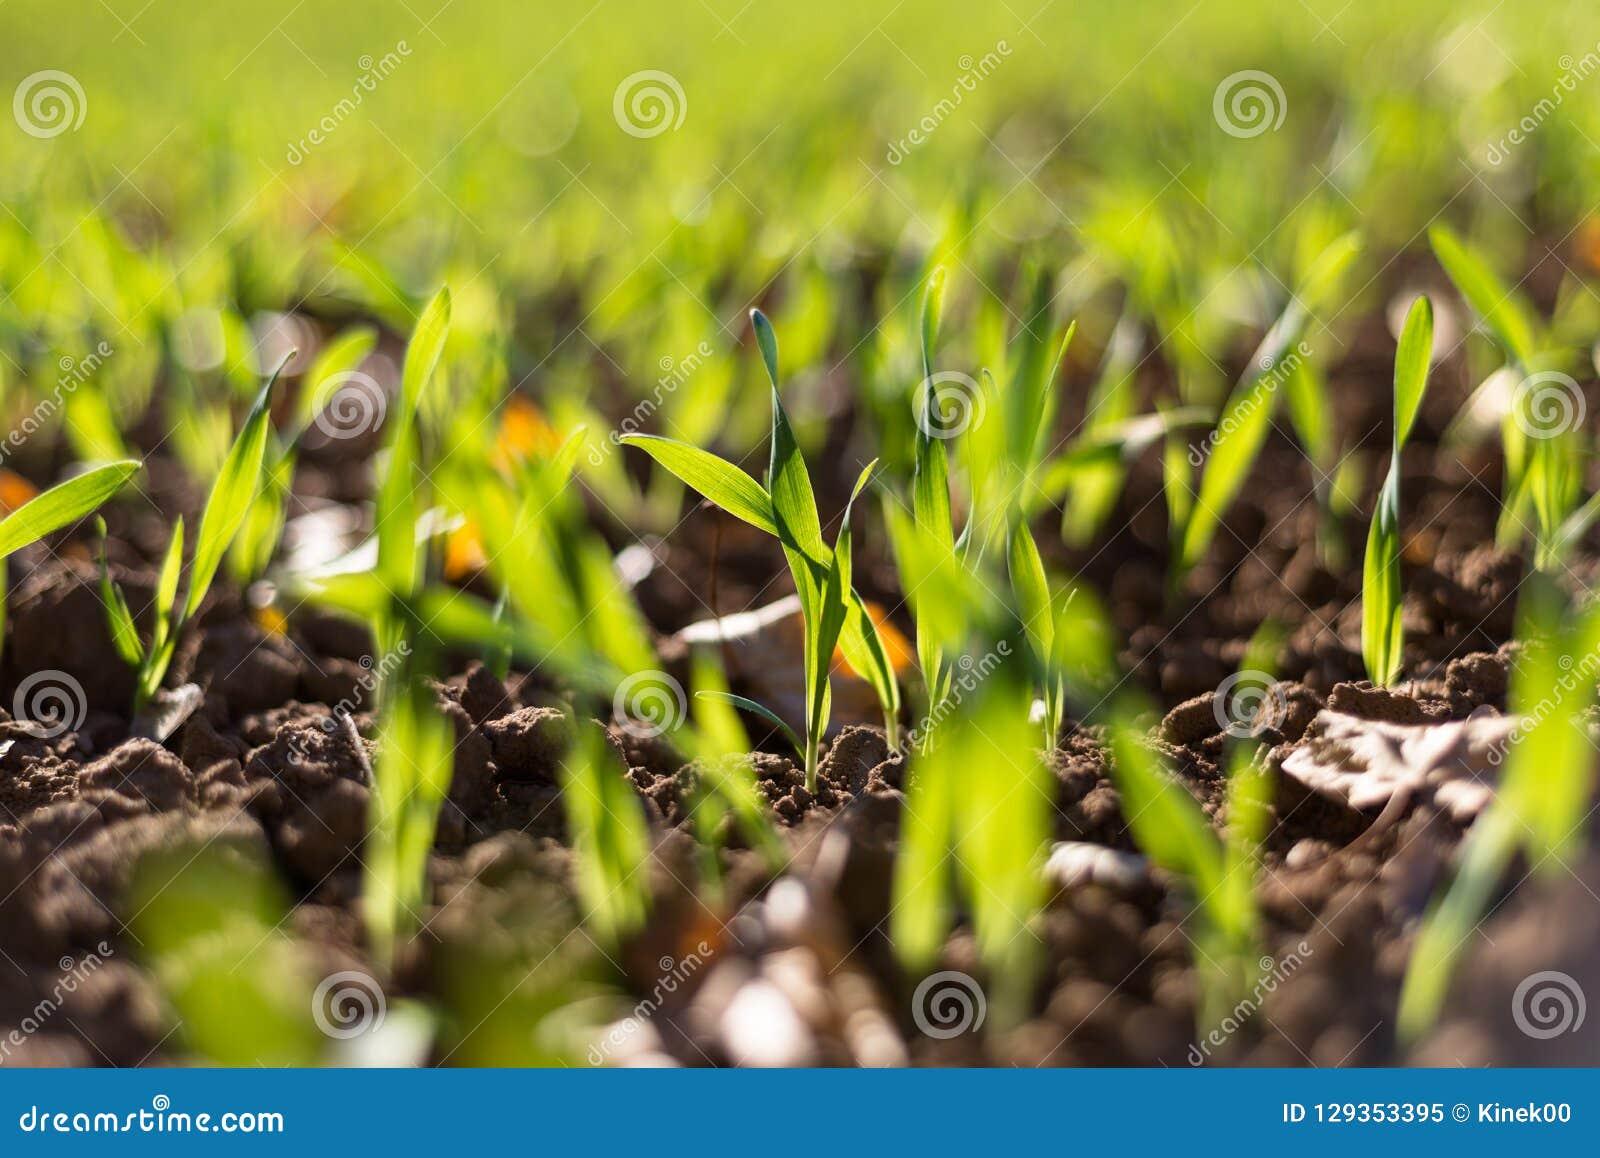 Зрея хлопья зимы, поле зерен зимы выровнялись в сентябре на красивый, солнечный день осени Съемка конца-вверх